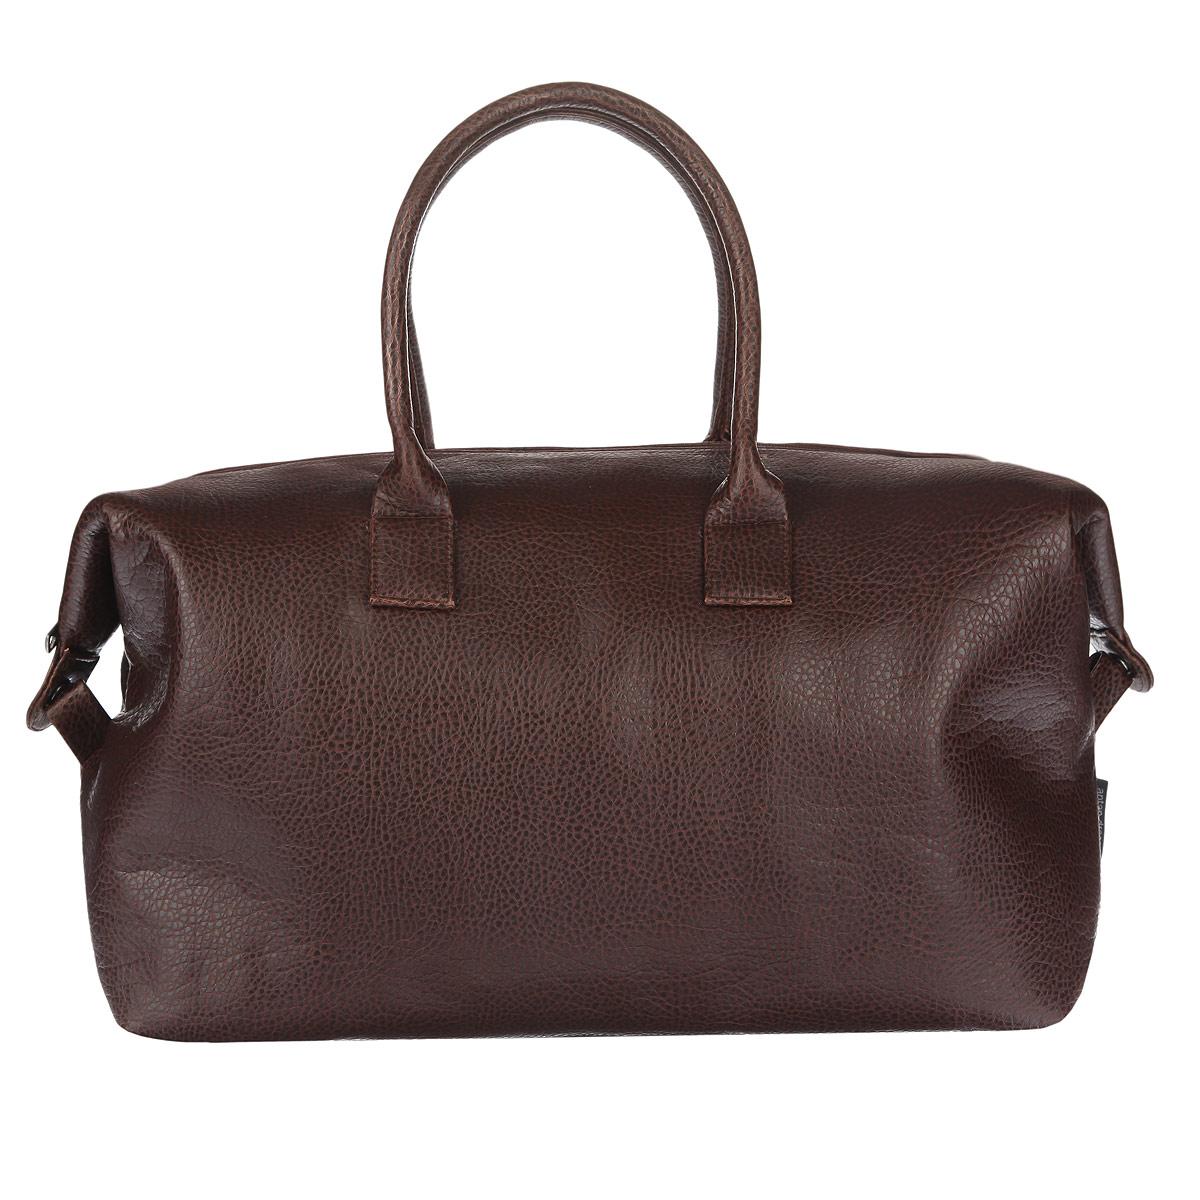 Сумка дорожная Antan, цвет: коричневый. 2-379 В7019.5Вместительная дорожная сумка Antan выполнена из искусственной кожи с фактурной поверхностью и состоит из одного большого отделения, закрывающегося на пластиковую застежку-молнию с двумя бегунками. Внутри отделения расположен прорезной карман на застежке-молнии. С тыльной стороны предусмотрен вшитый карман на молнии. По бокам имеются застежки-кнопки, благодаря которым сумку можно незначительно уменьшить в размере. Дно уплотнено. Сумка оснащена двумя удобными ручками. Такая модель отлично подойдет для поездок.